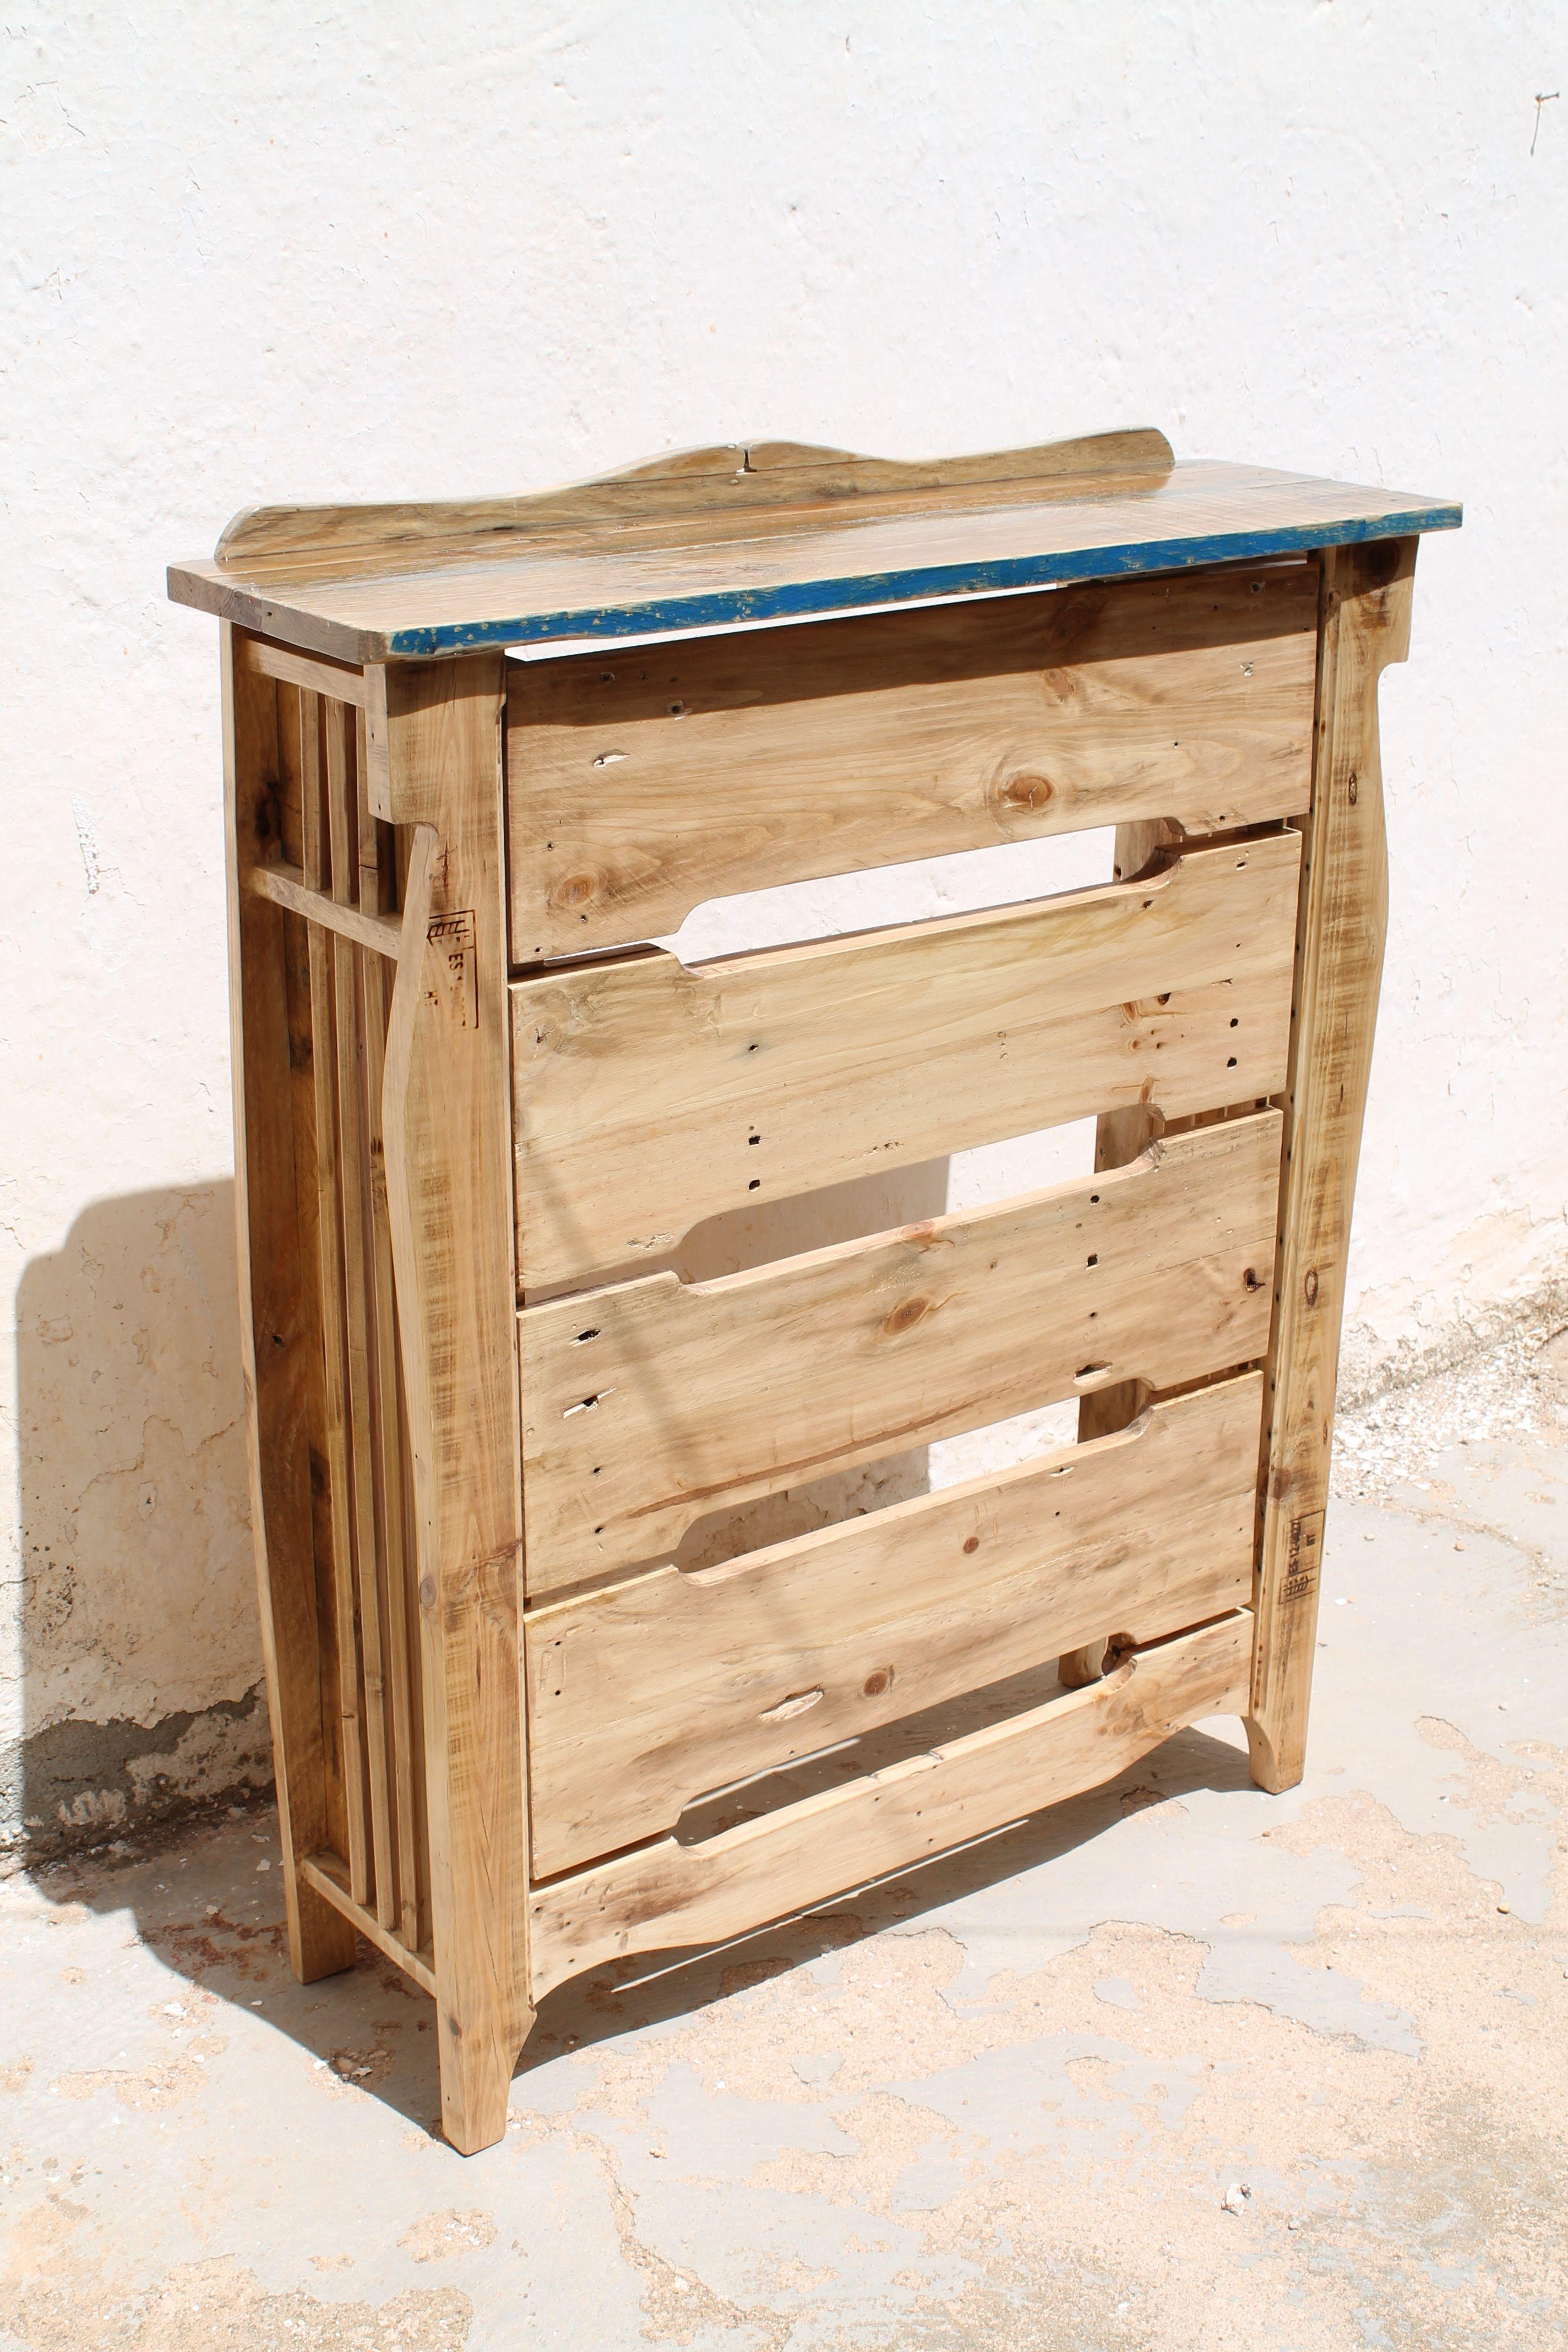 Consola cubre radiador hecho con maderas de pallets viejos - Muebles para cubrir radiadores ...